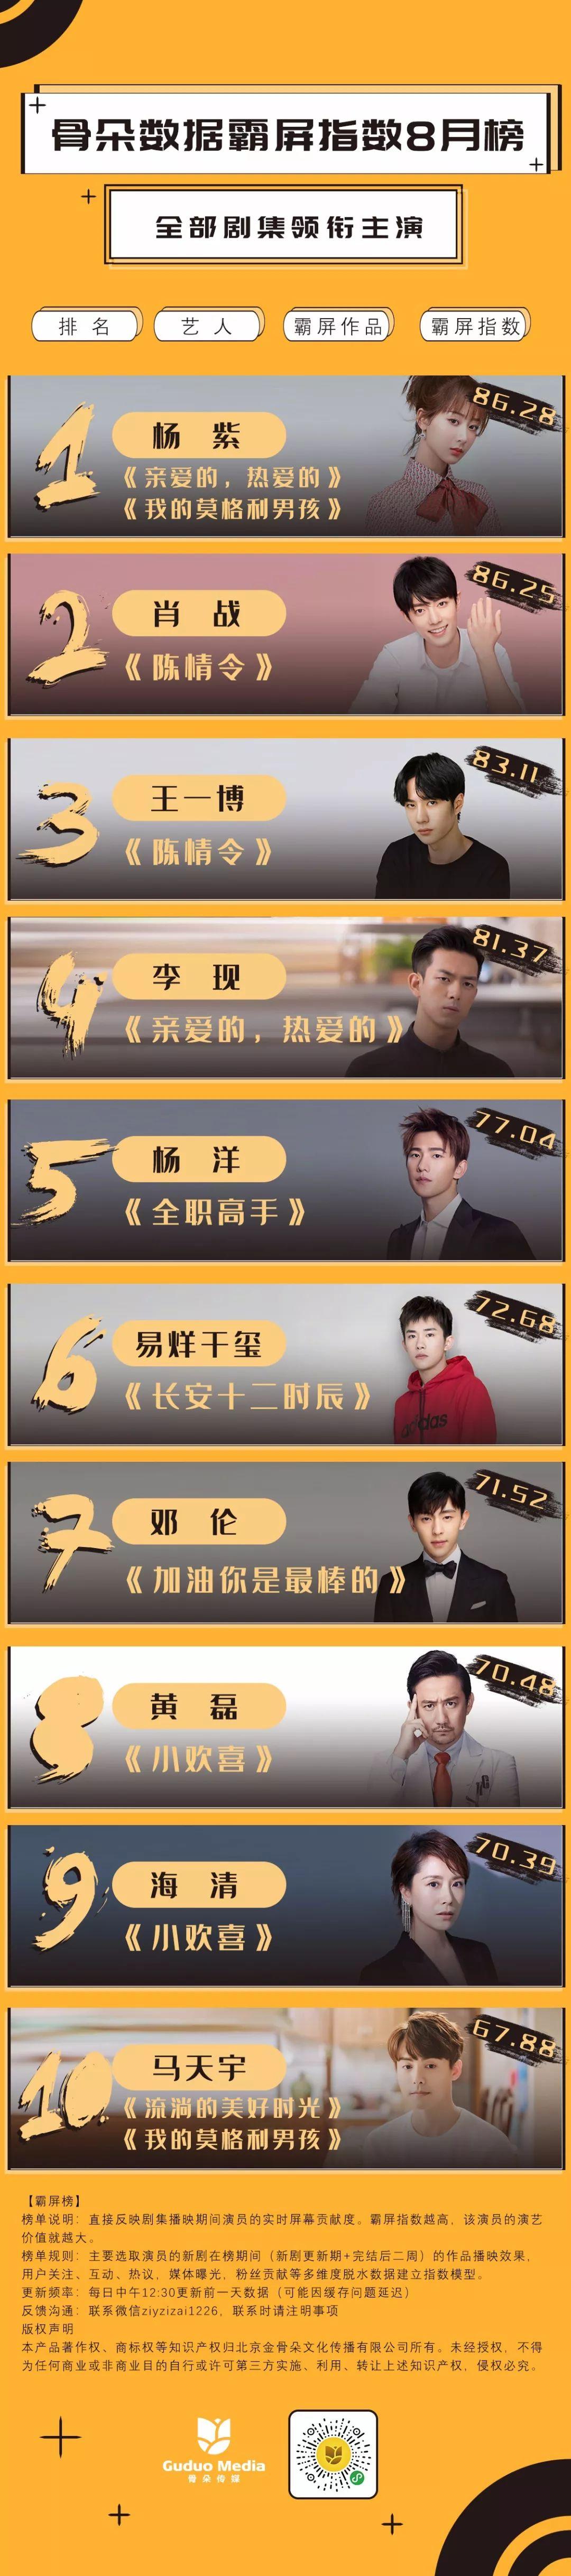 8月星番月榜丨杨紫、肖战霸屏,《小欢乐》众演员齐上榜